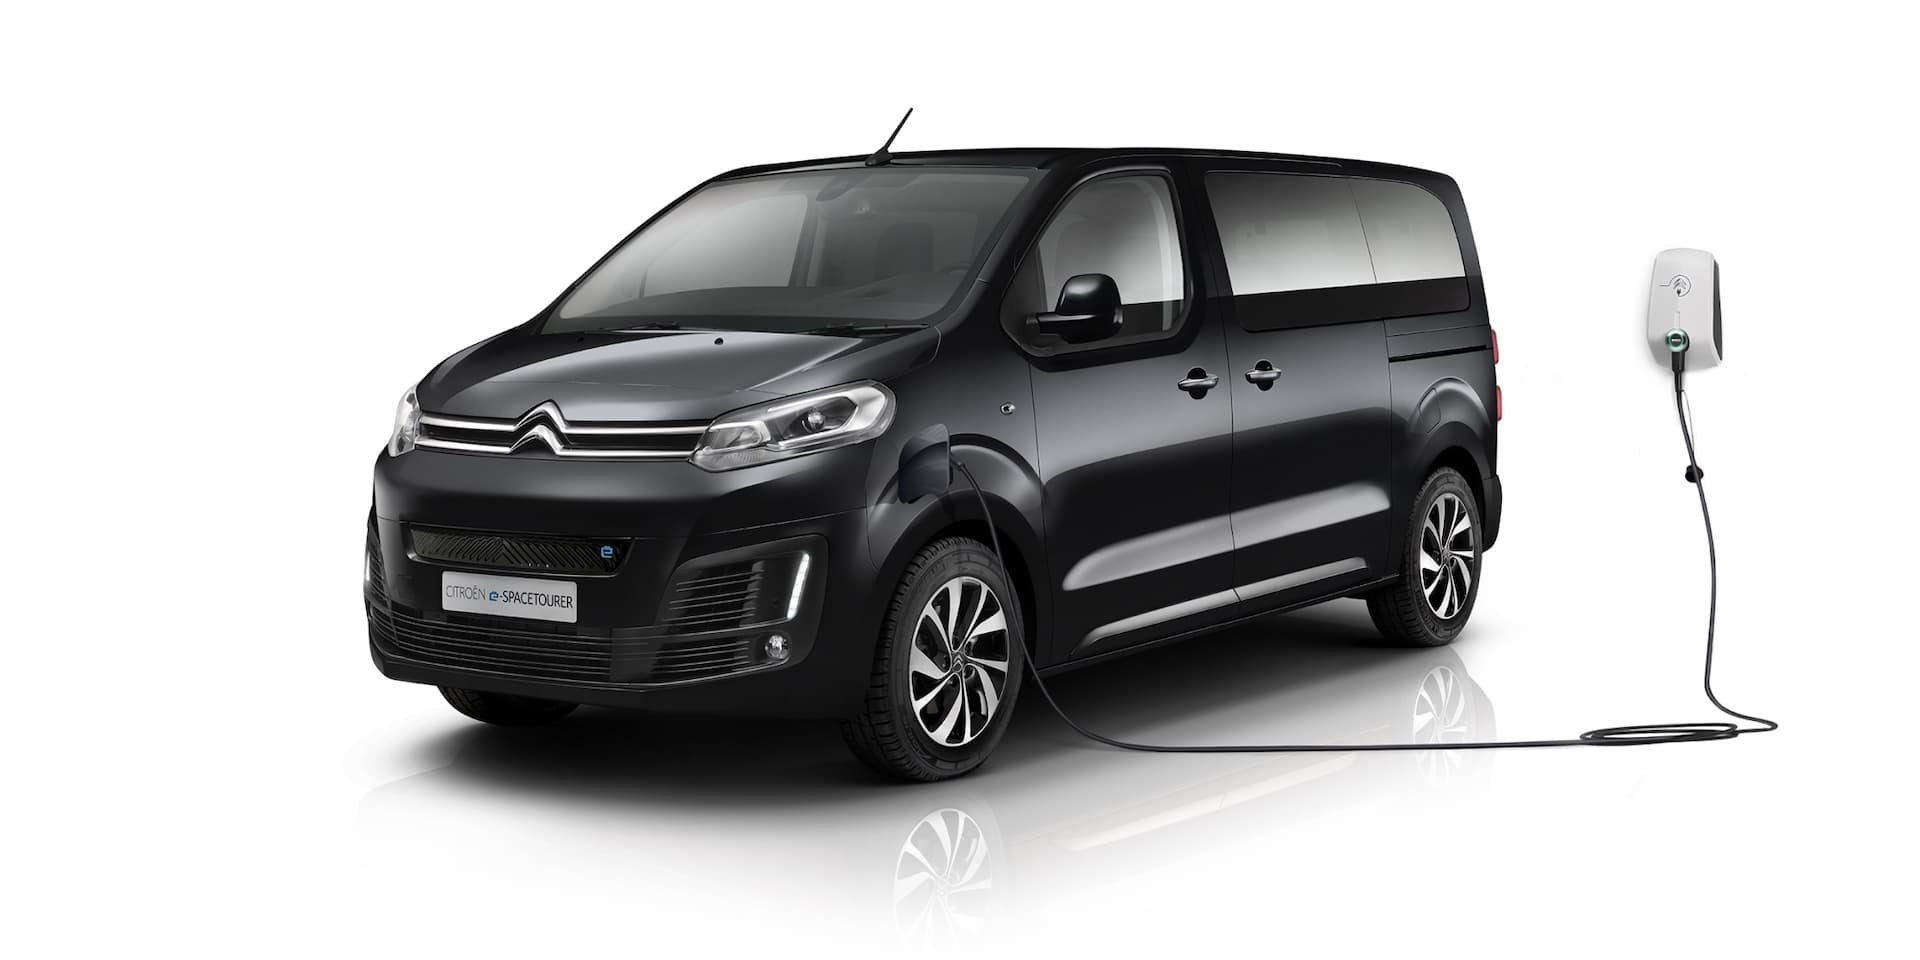 2021 Citroën e-Spacetourer